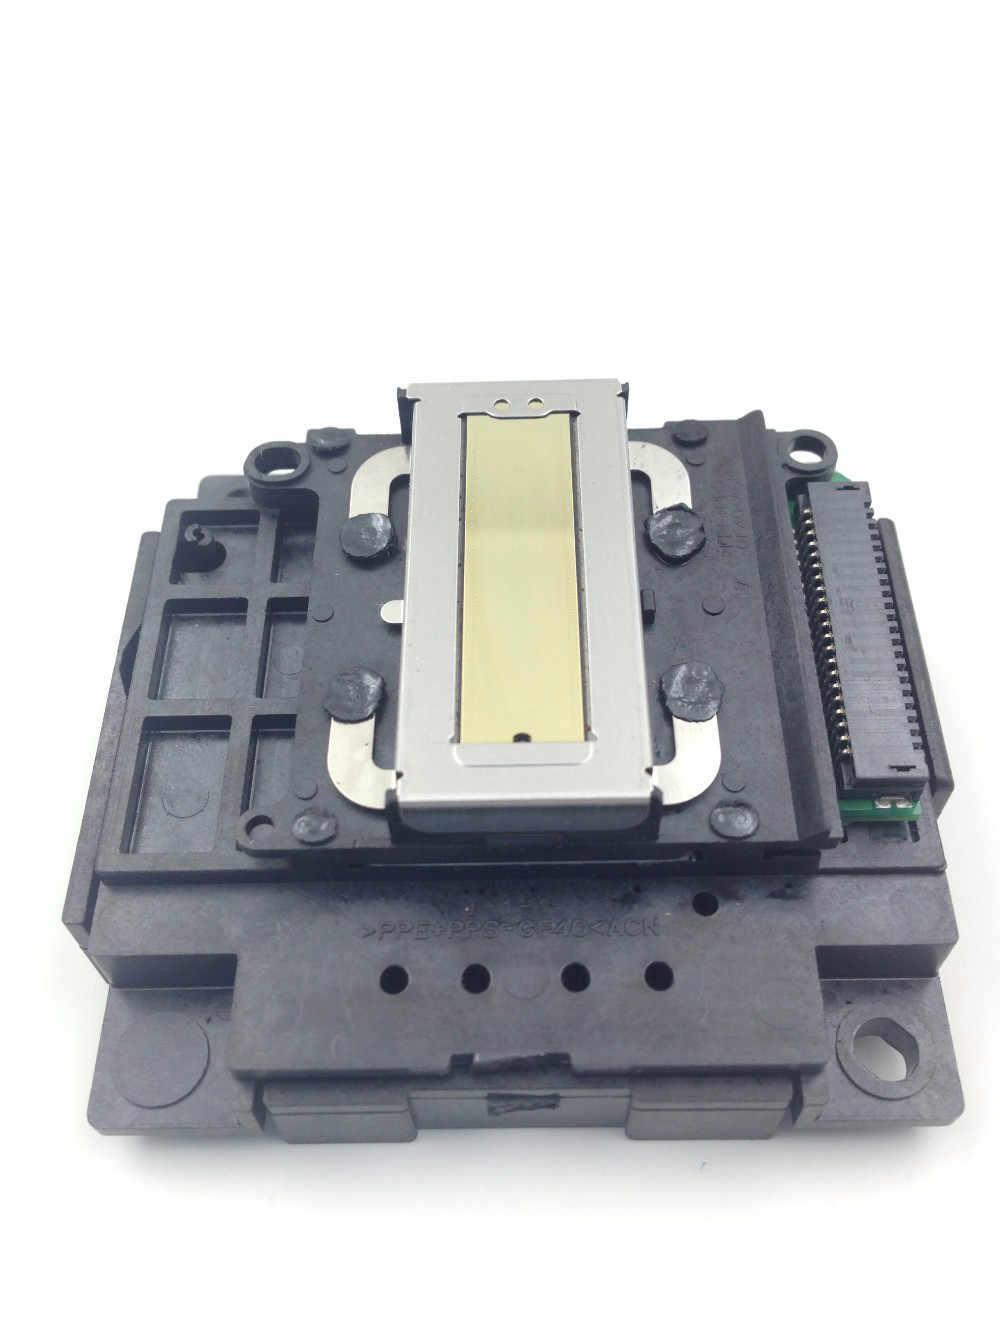 Printhead Print Head untuk Epson L132 L130 L220 L222 L310 L362 L365 L366 L455 L456 L565 L566 WF-2630 XP-332 WF2630 gratis Pengiriman